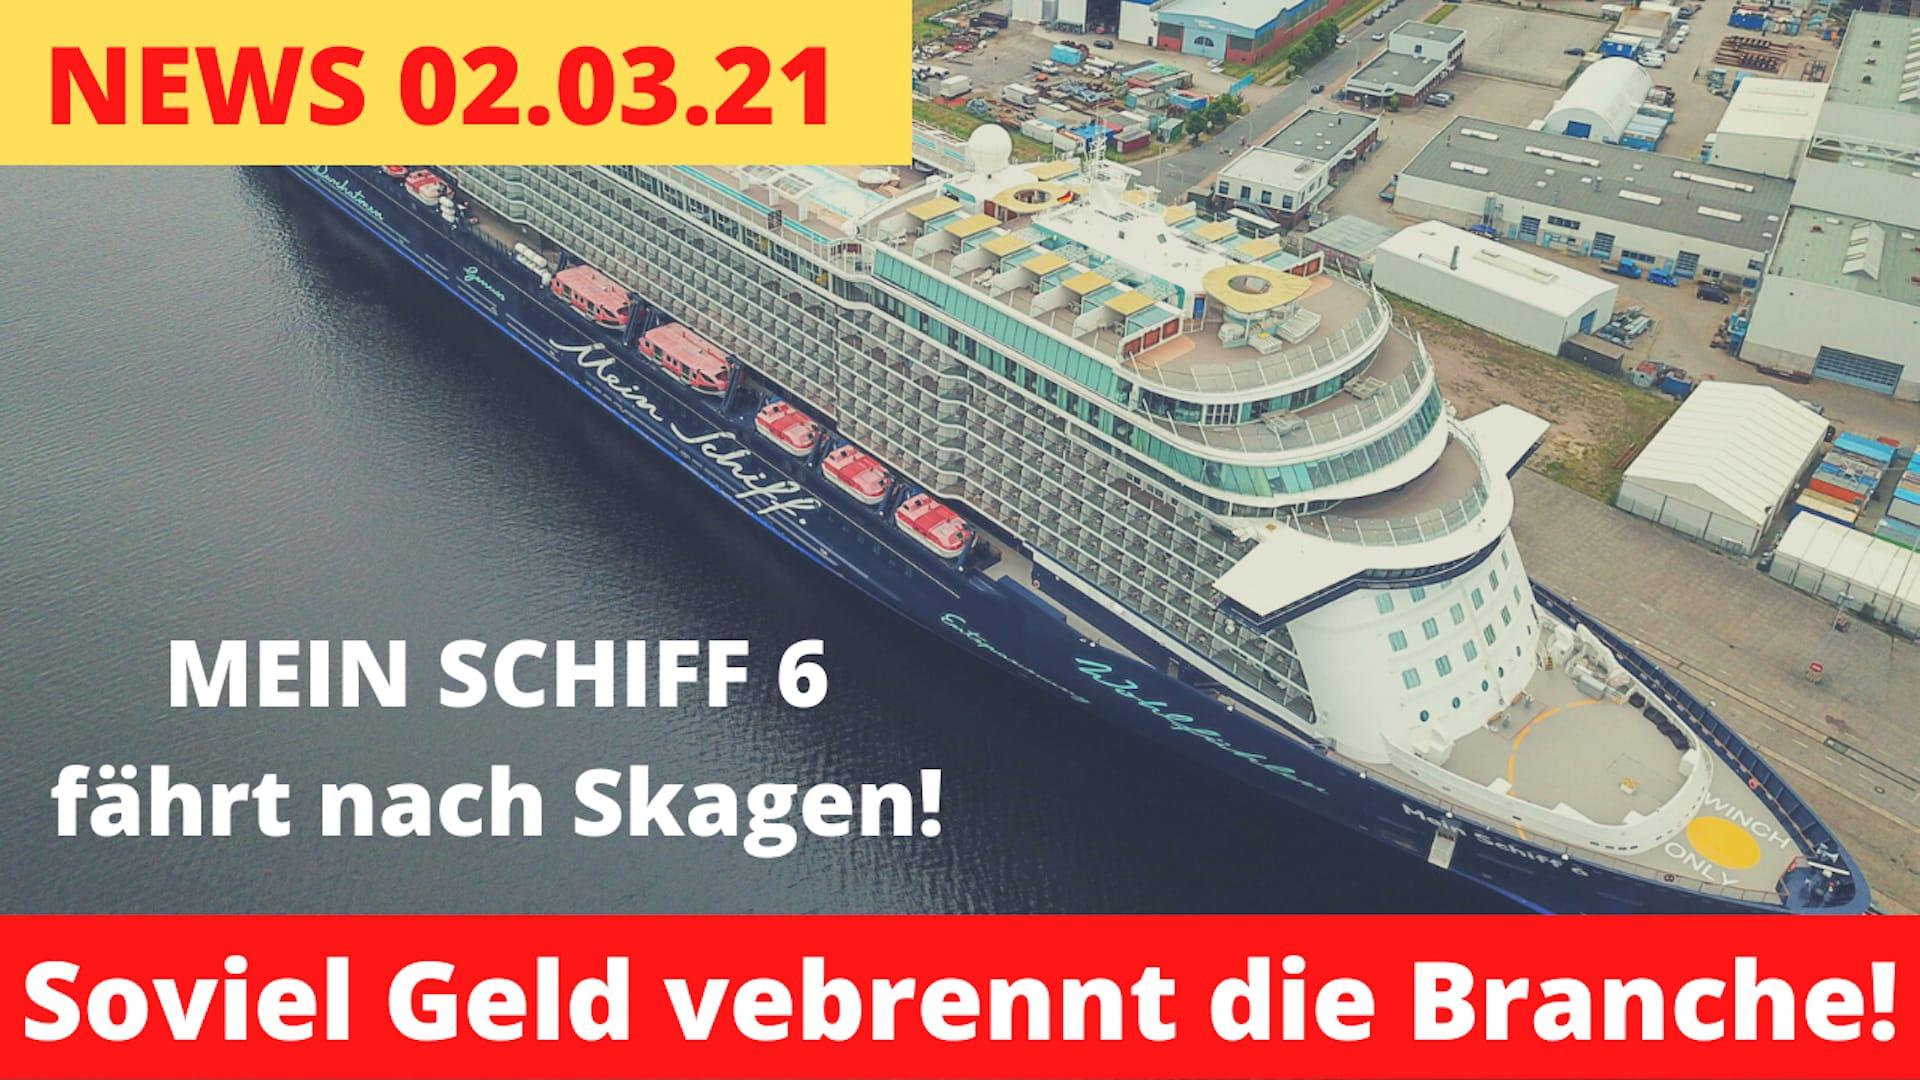 kreuzfahrt-news-02.03.2021